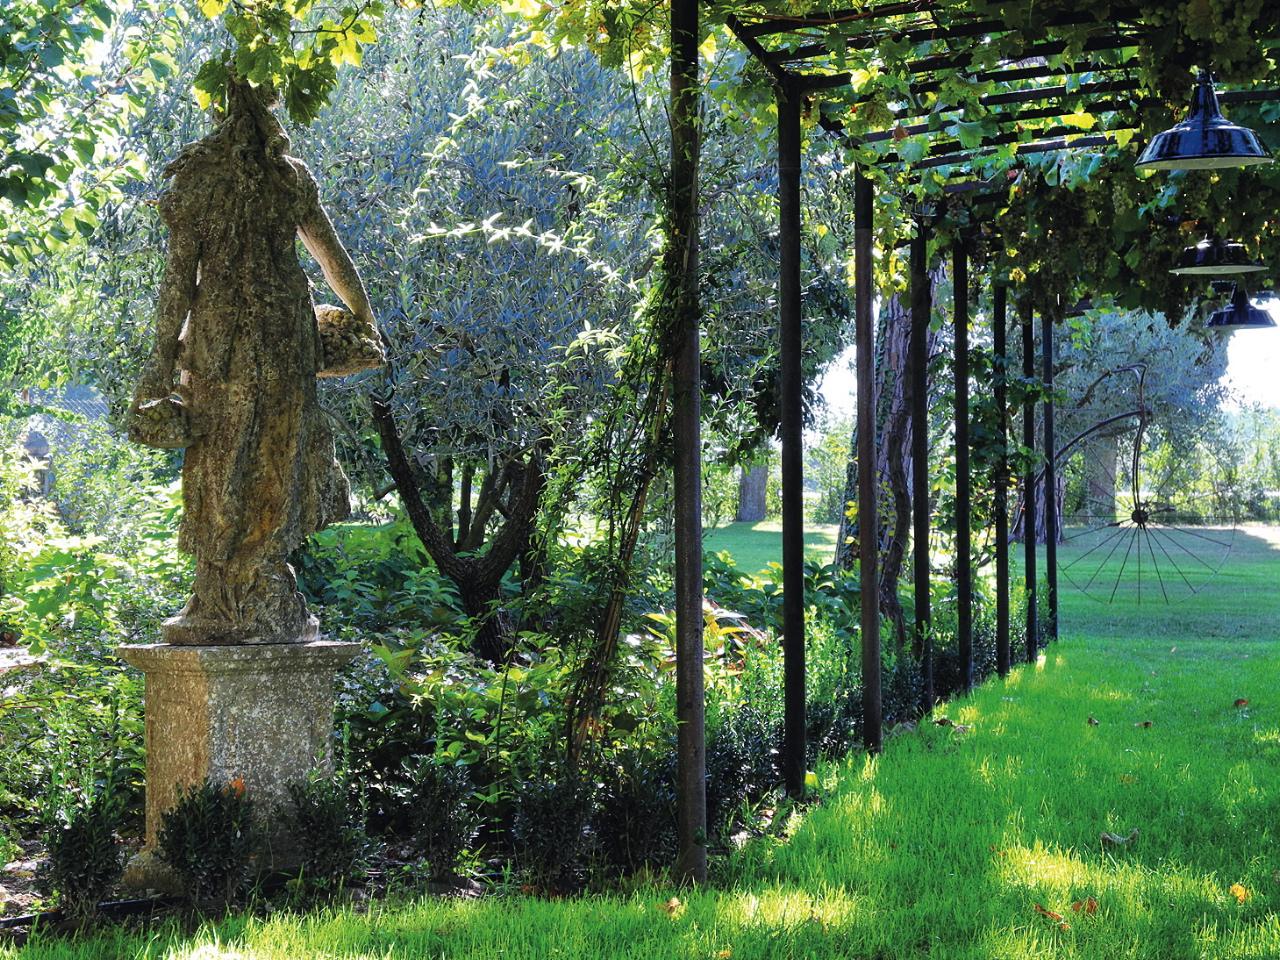 Giardino e fondazione barbanera luoghi italianbotanicaltrips - L orto in giardino ...